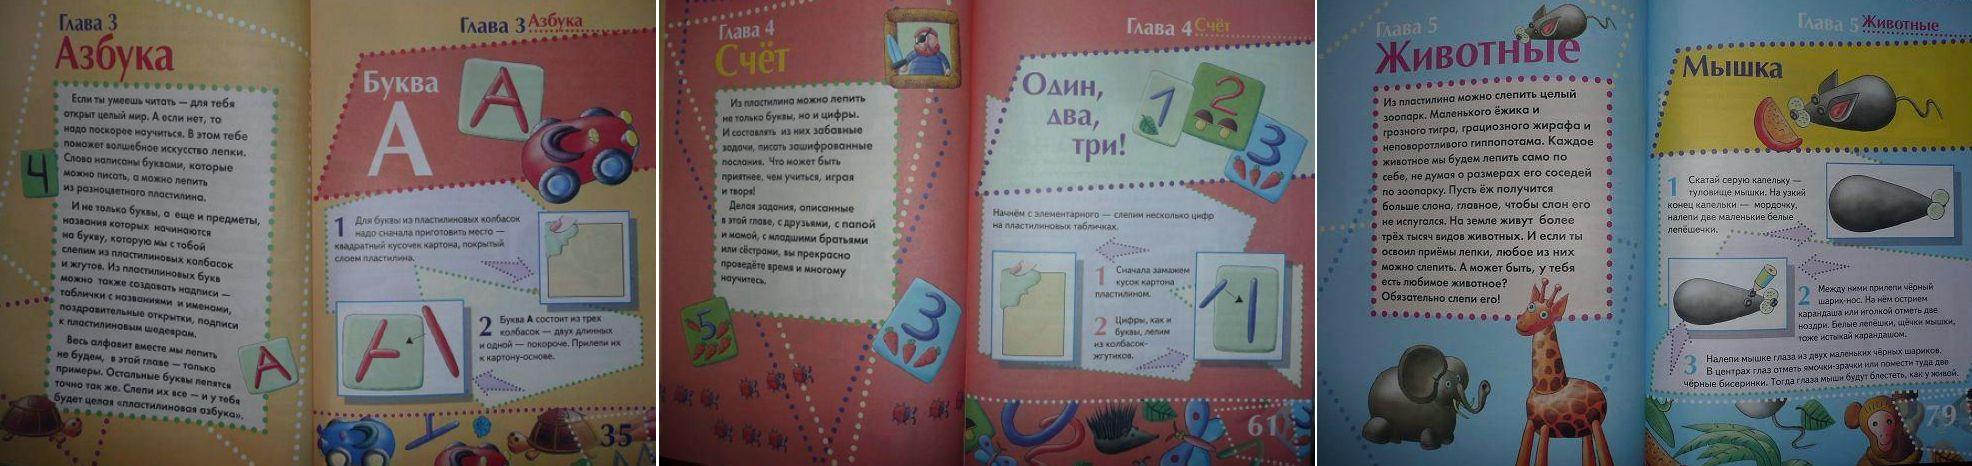 Умные_пальчики_Страницы.jpg